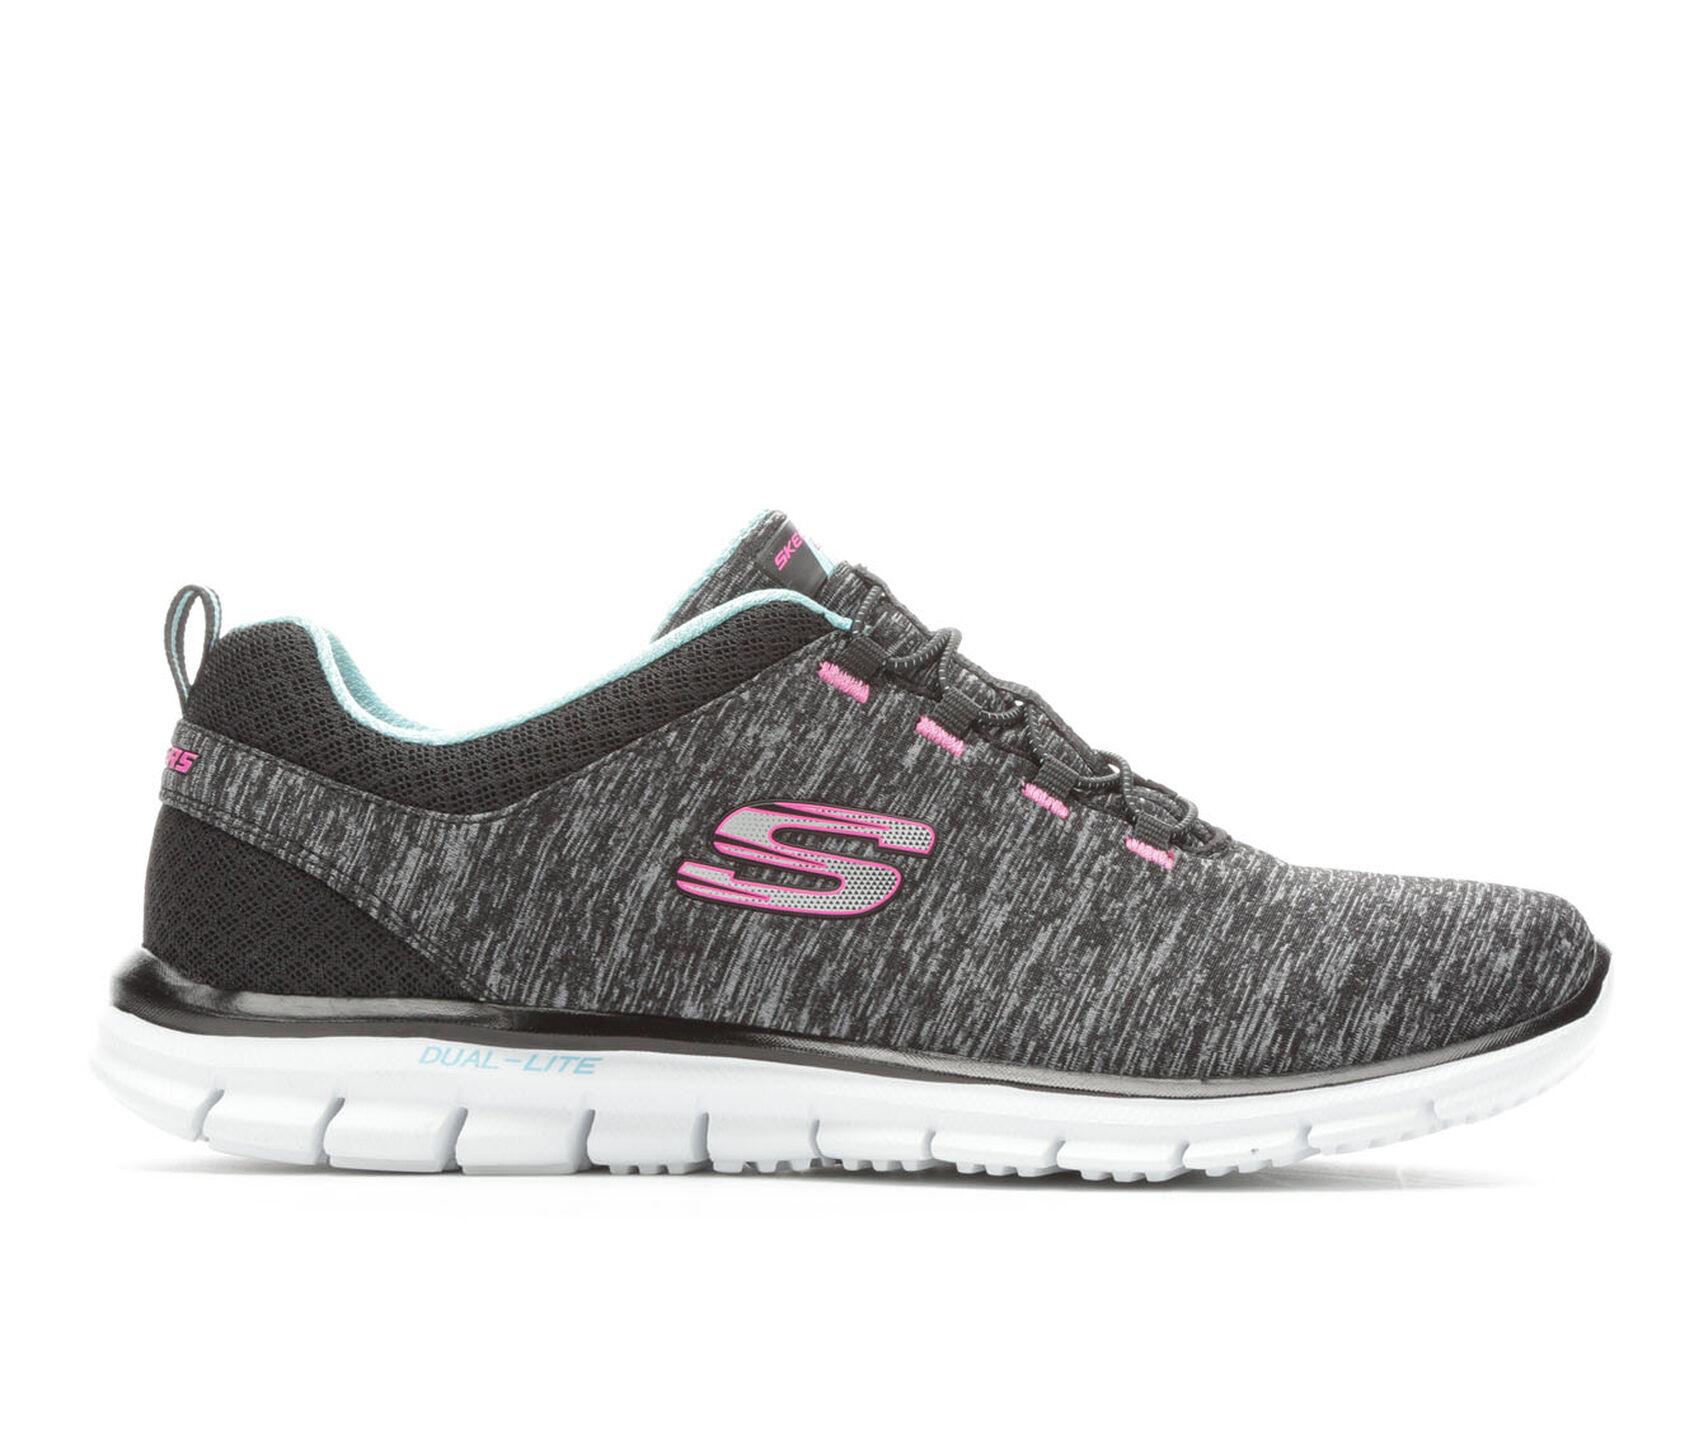 Womens Skechers Electra 22877 Slip On Sneakers Shoe